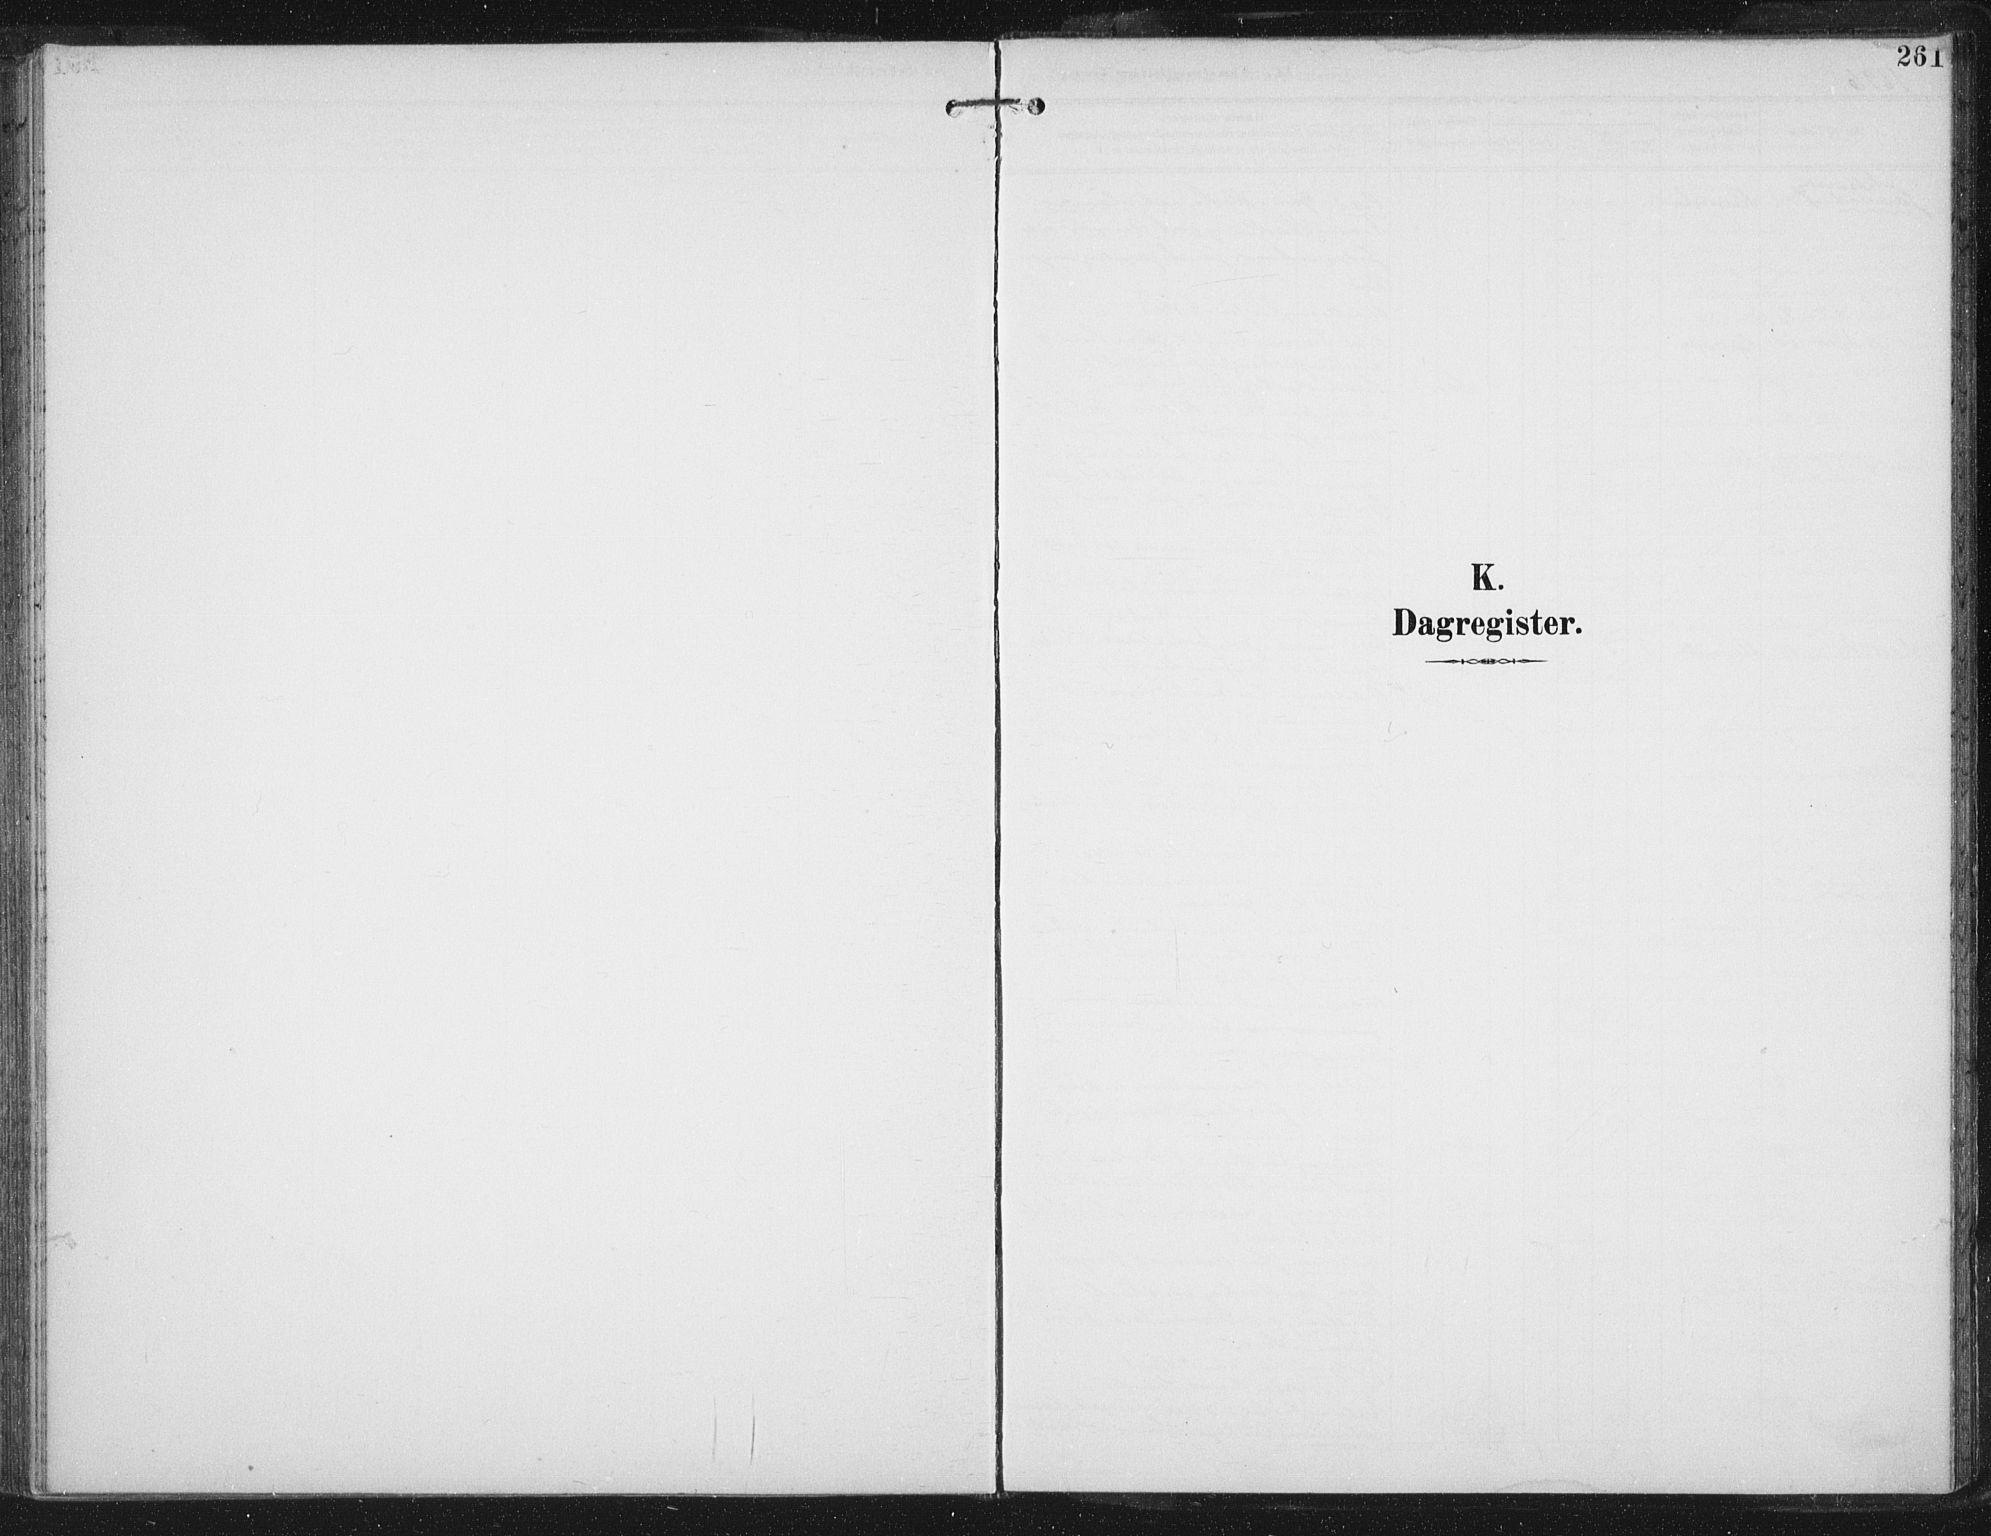 SAT, Ministerialprotokoller, klokkerbøker og fødselsregistre - Sør-Trøndelag, 674/L0872: Ministerialbok nr. 674A04, 1897-1907, s. 261